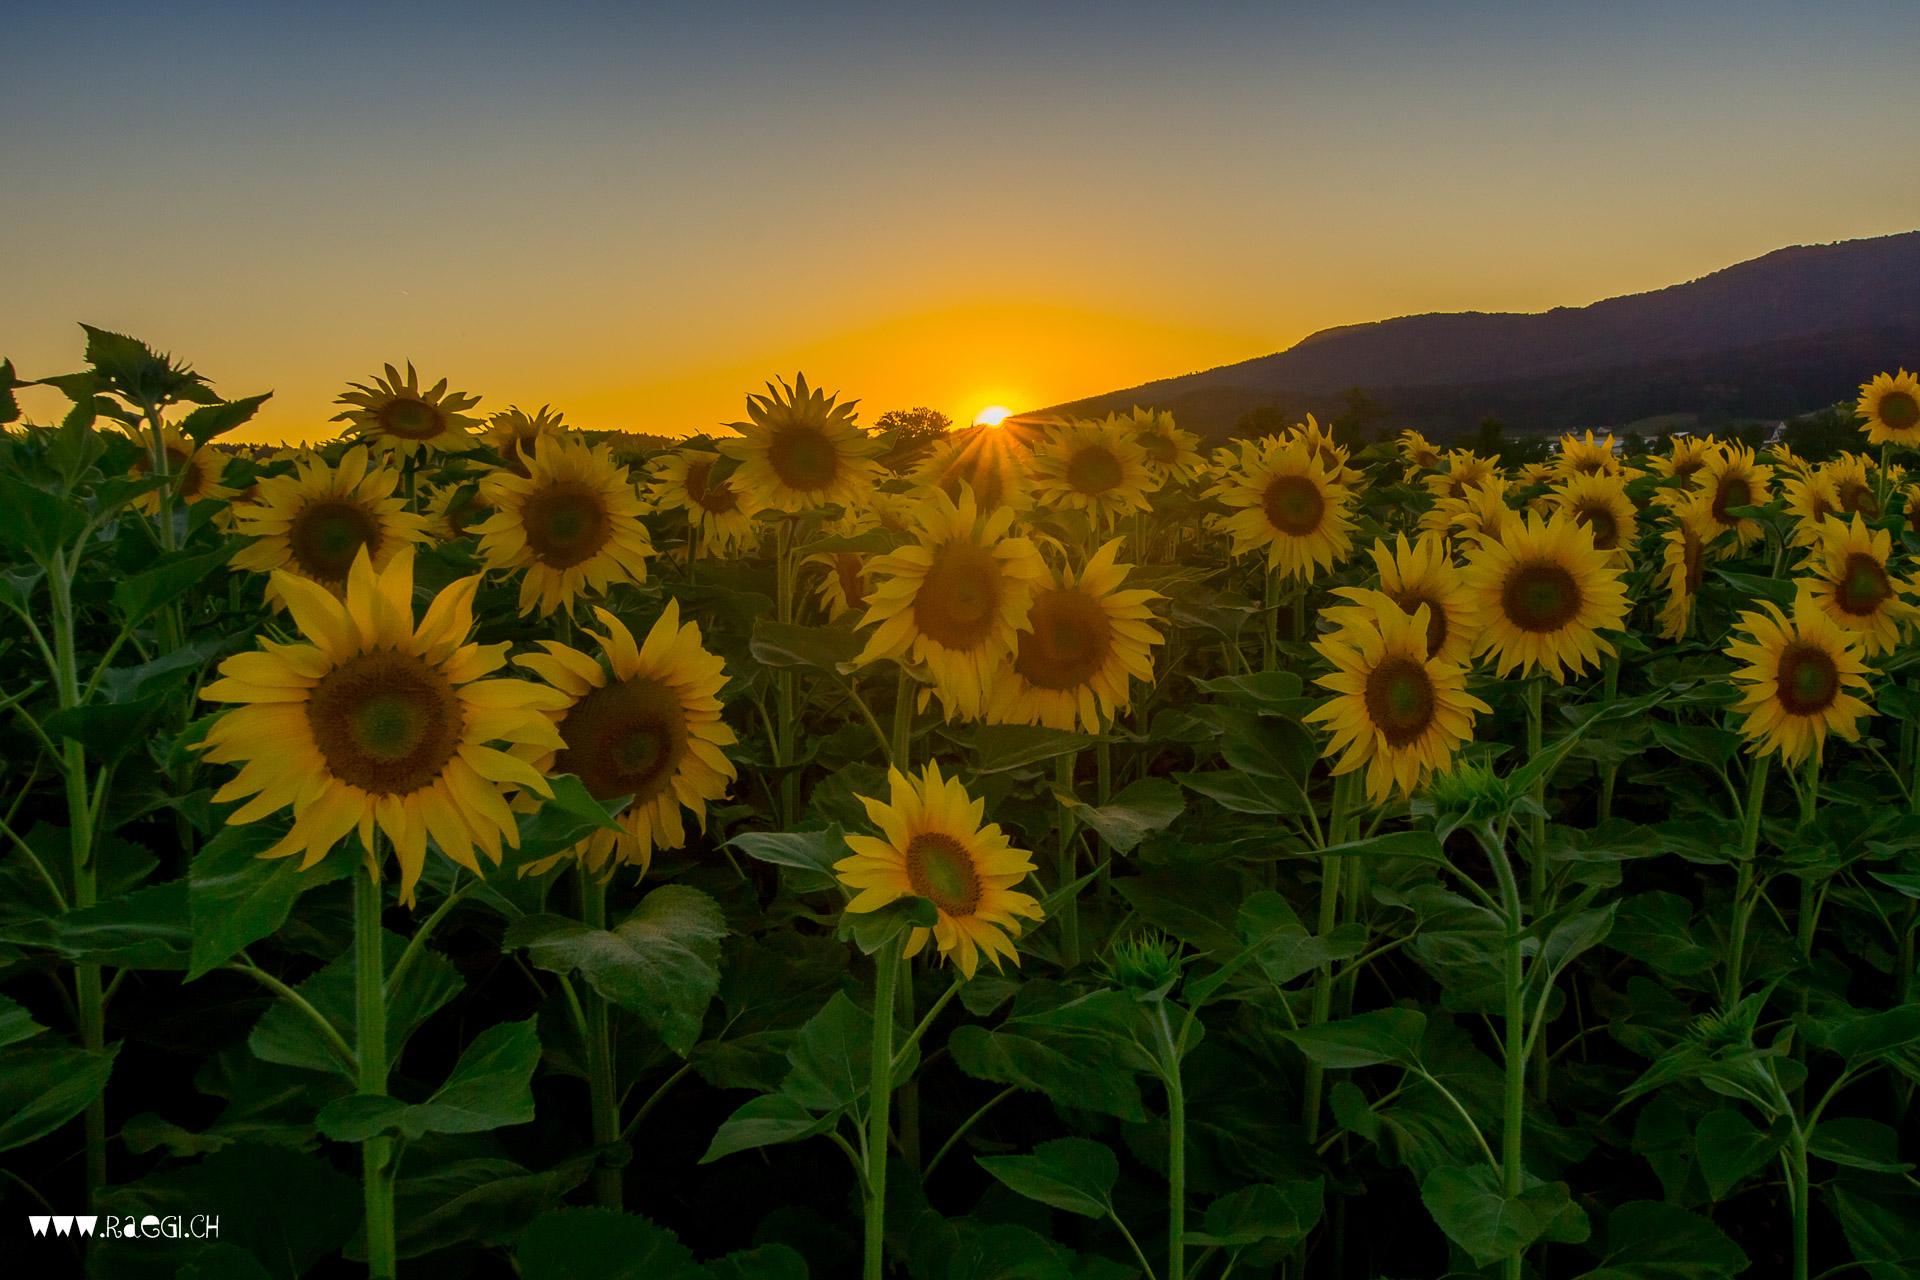 Sonnenblumen 64 cm 3er Pack